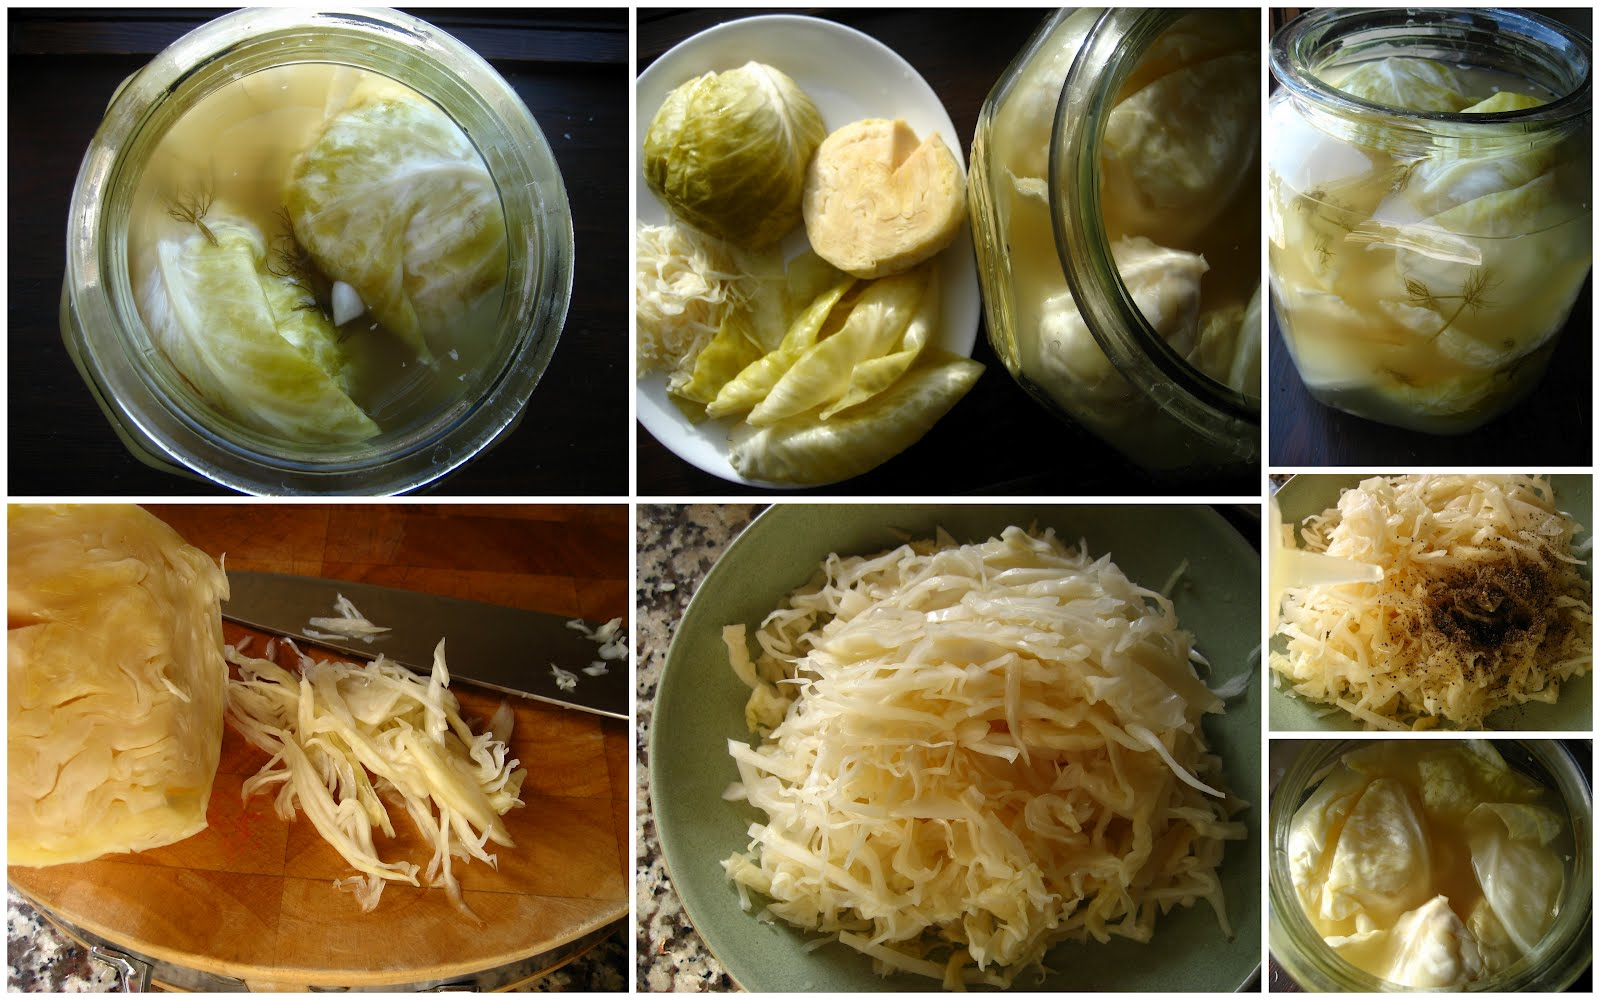 Квашеная капуста в домашних условиях: вкуснейшие рецепты приготовления